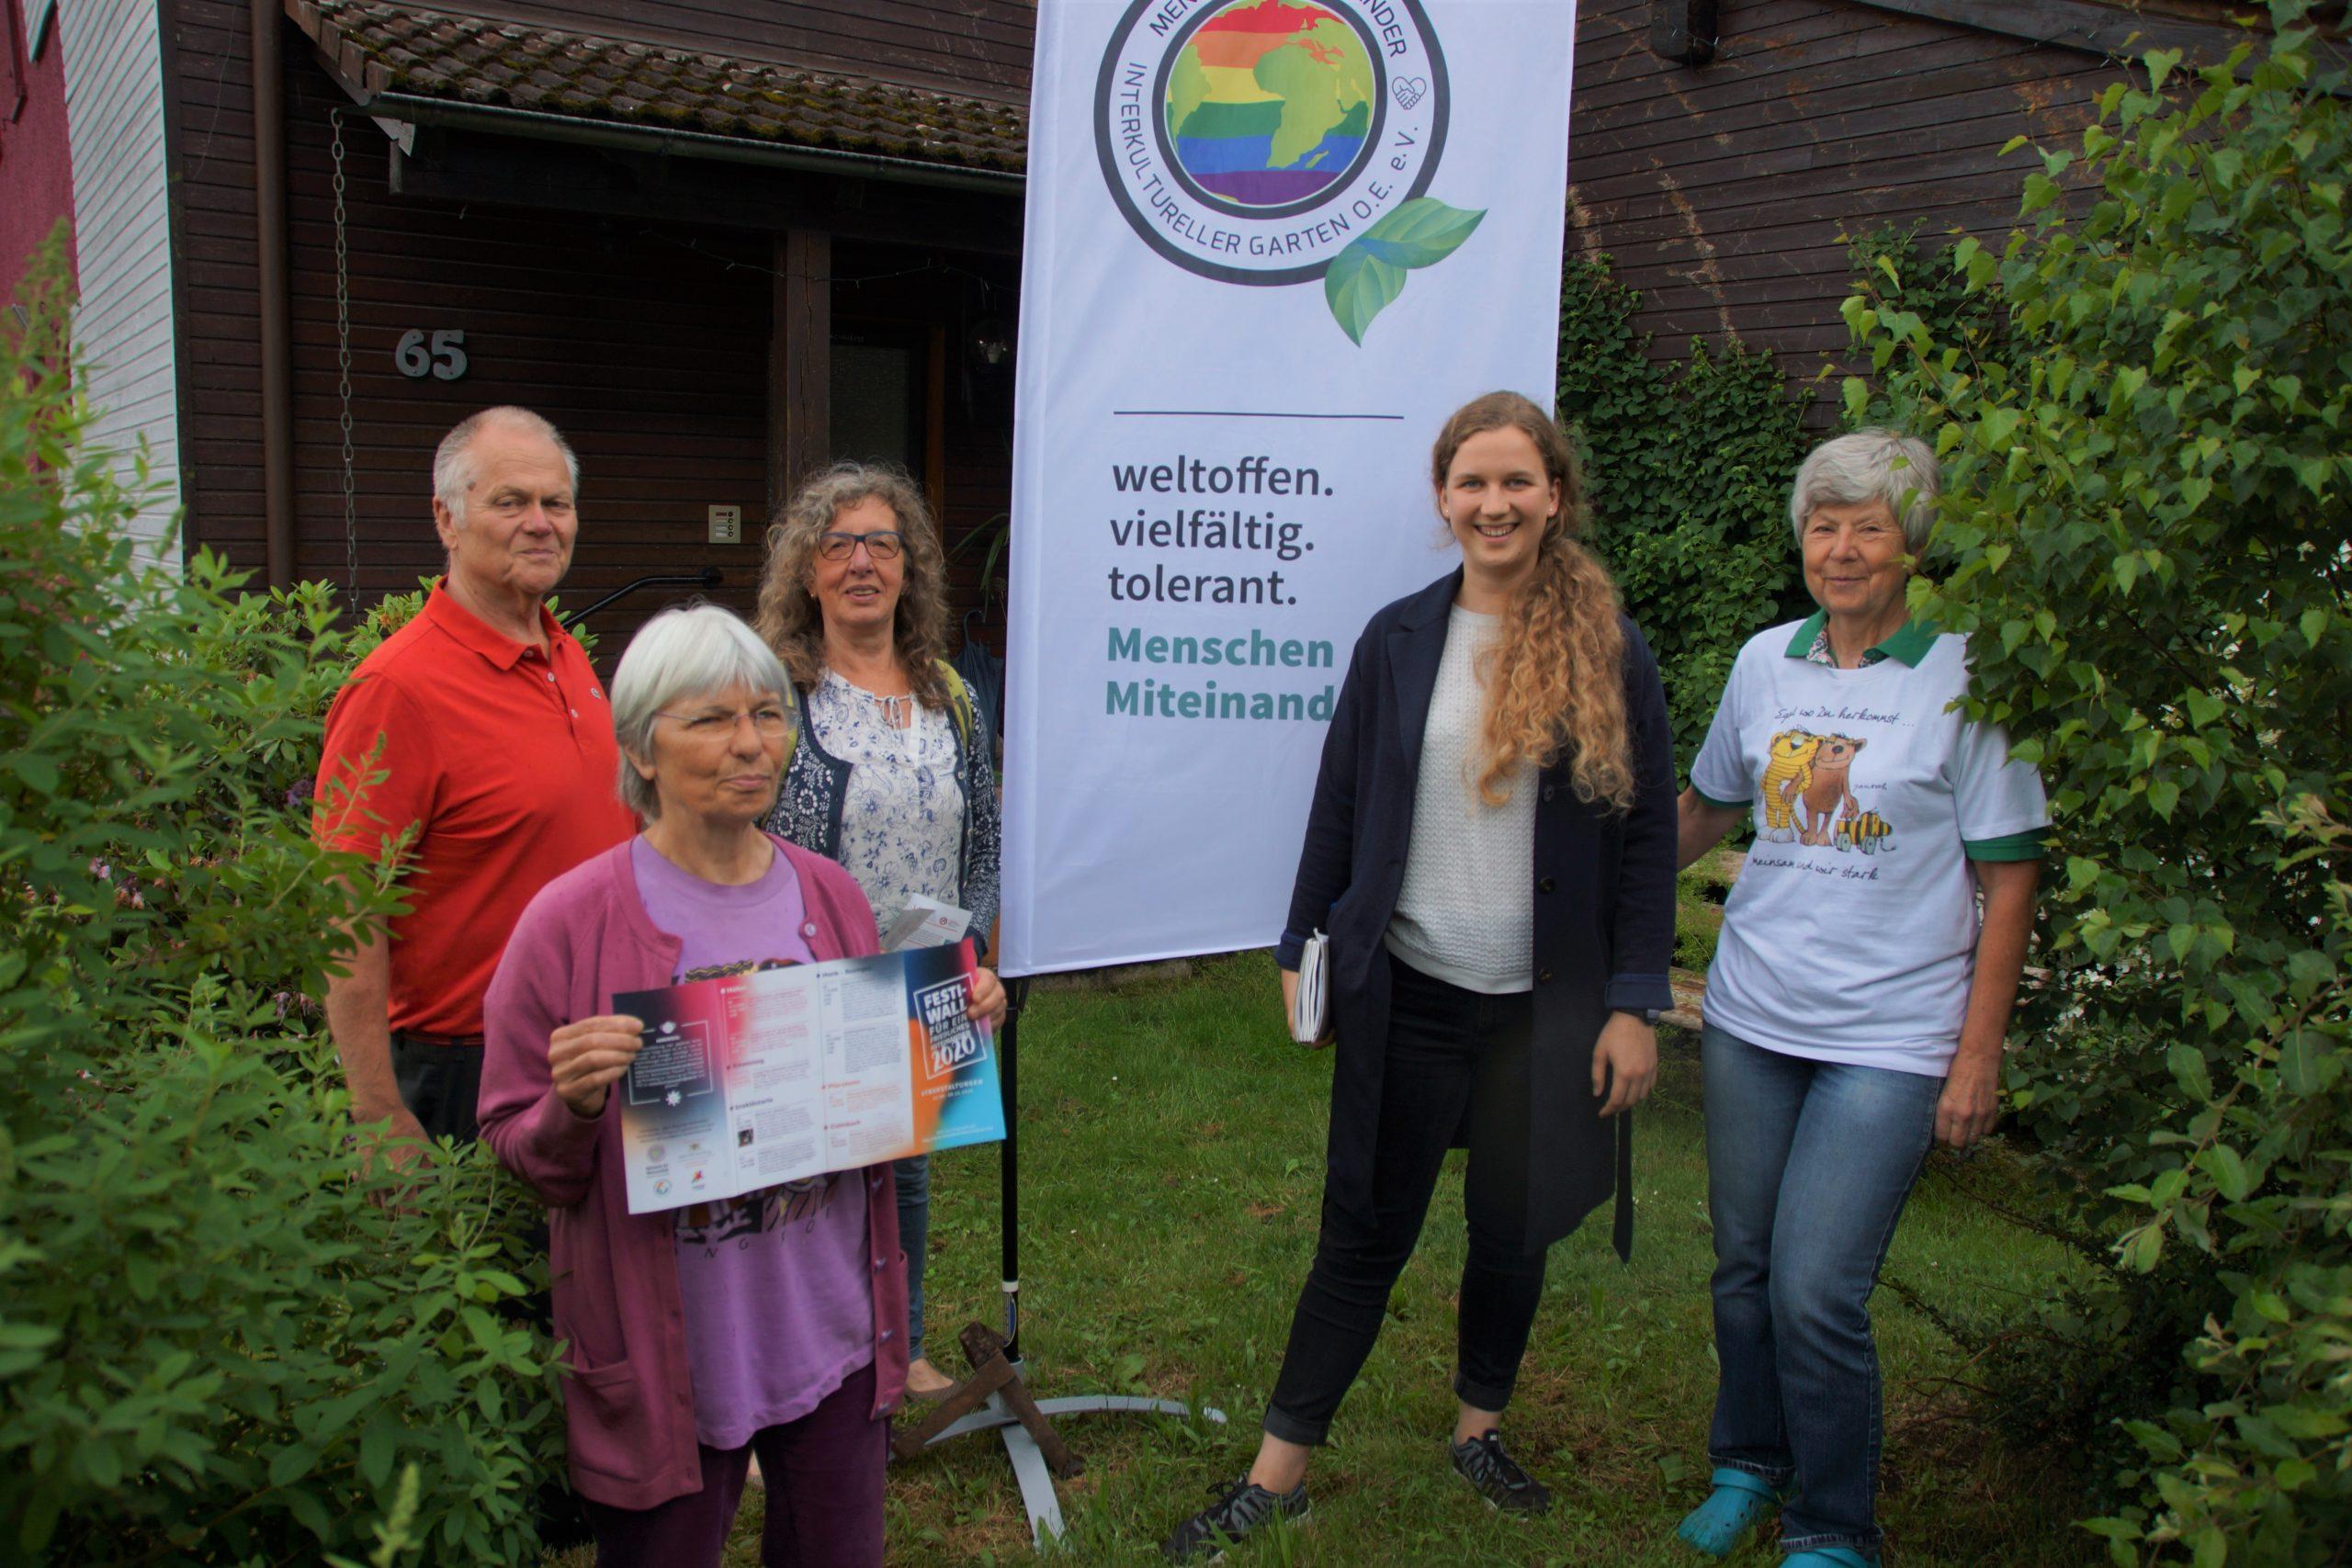 Von gemeinsamen Werten getragen – Sara Haug trifft sich mit dem Netzwerk für Wertevielfalt im Nordschwarzwald